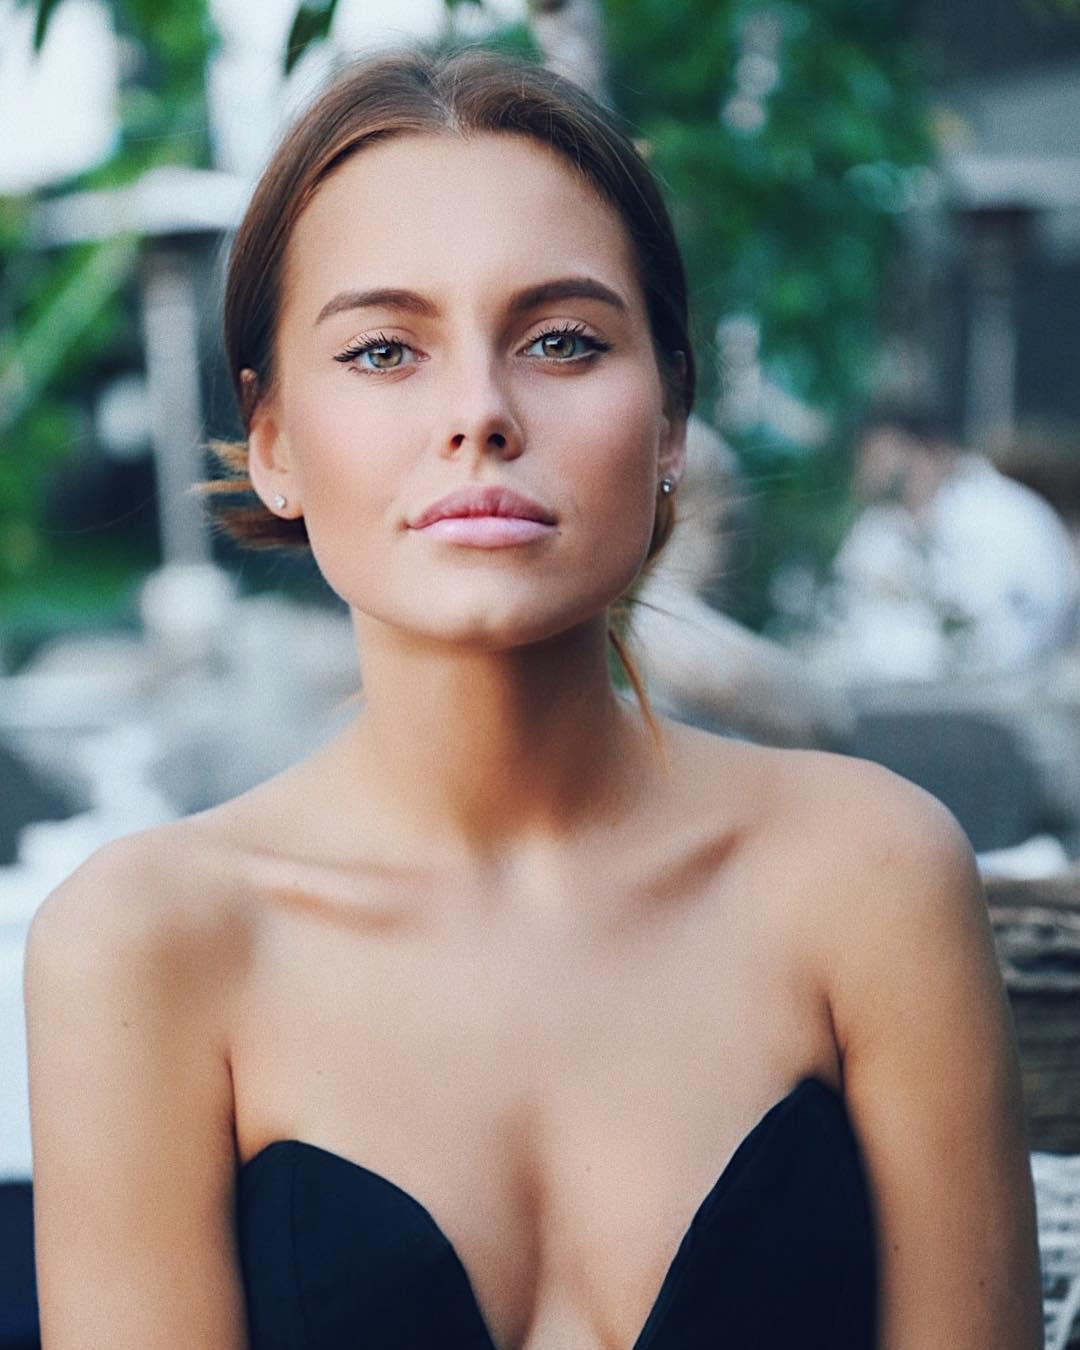 Дарья Клюкина: А у меня сегодня выходной и никуда не нужно! Ураааа! Хорошего настроения вам, друзья!    by @furaeva_tatyana